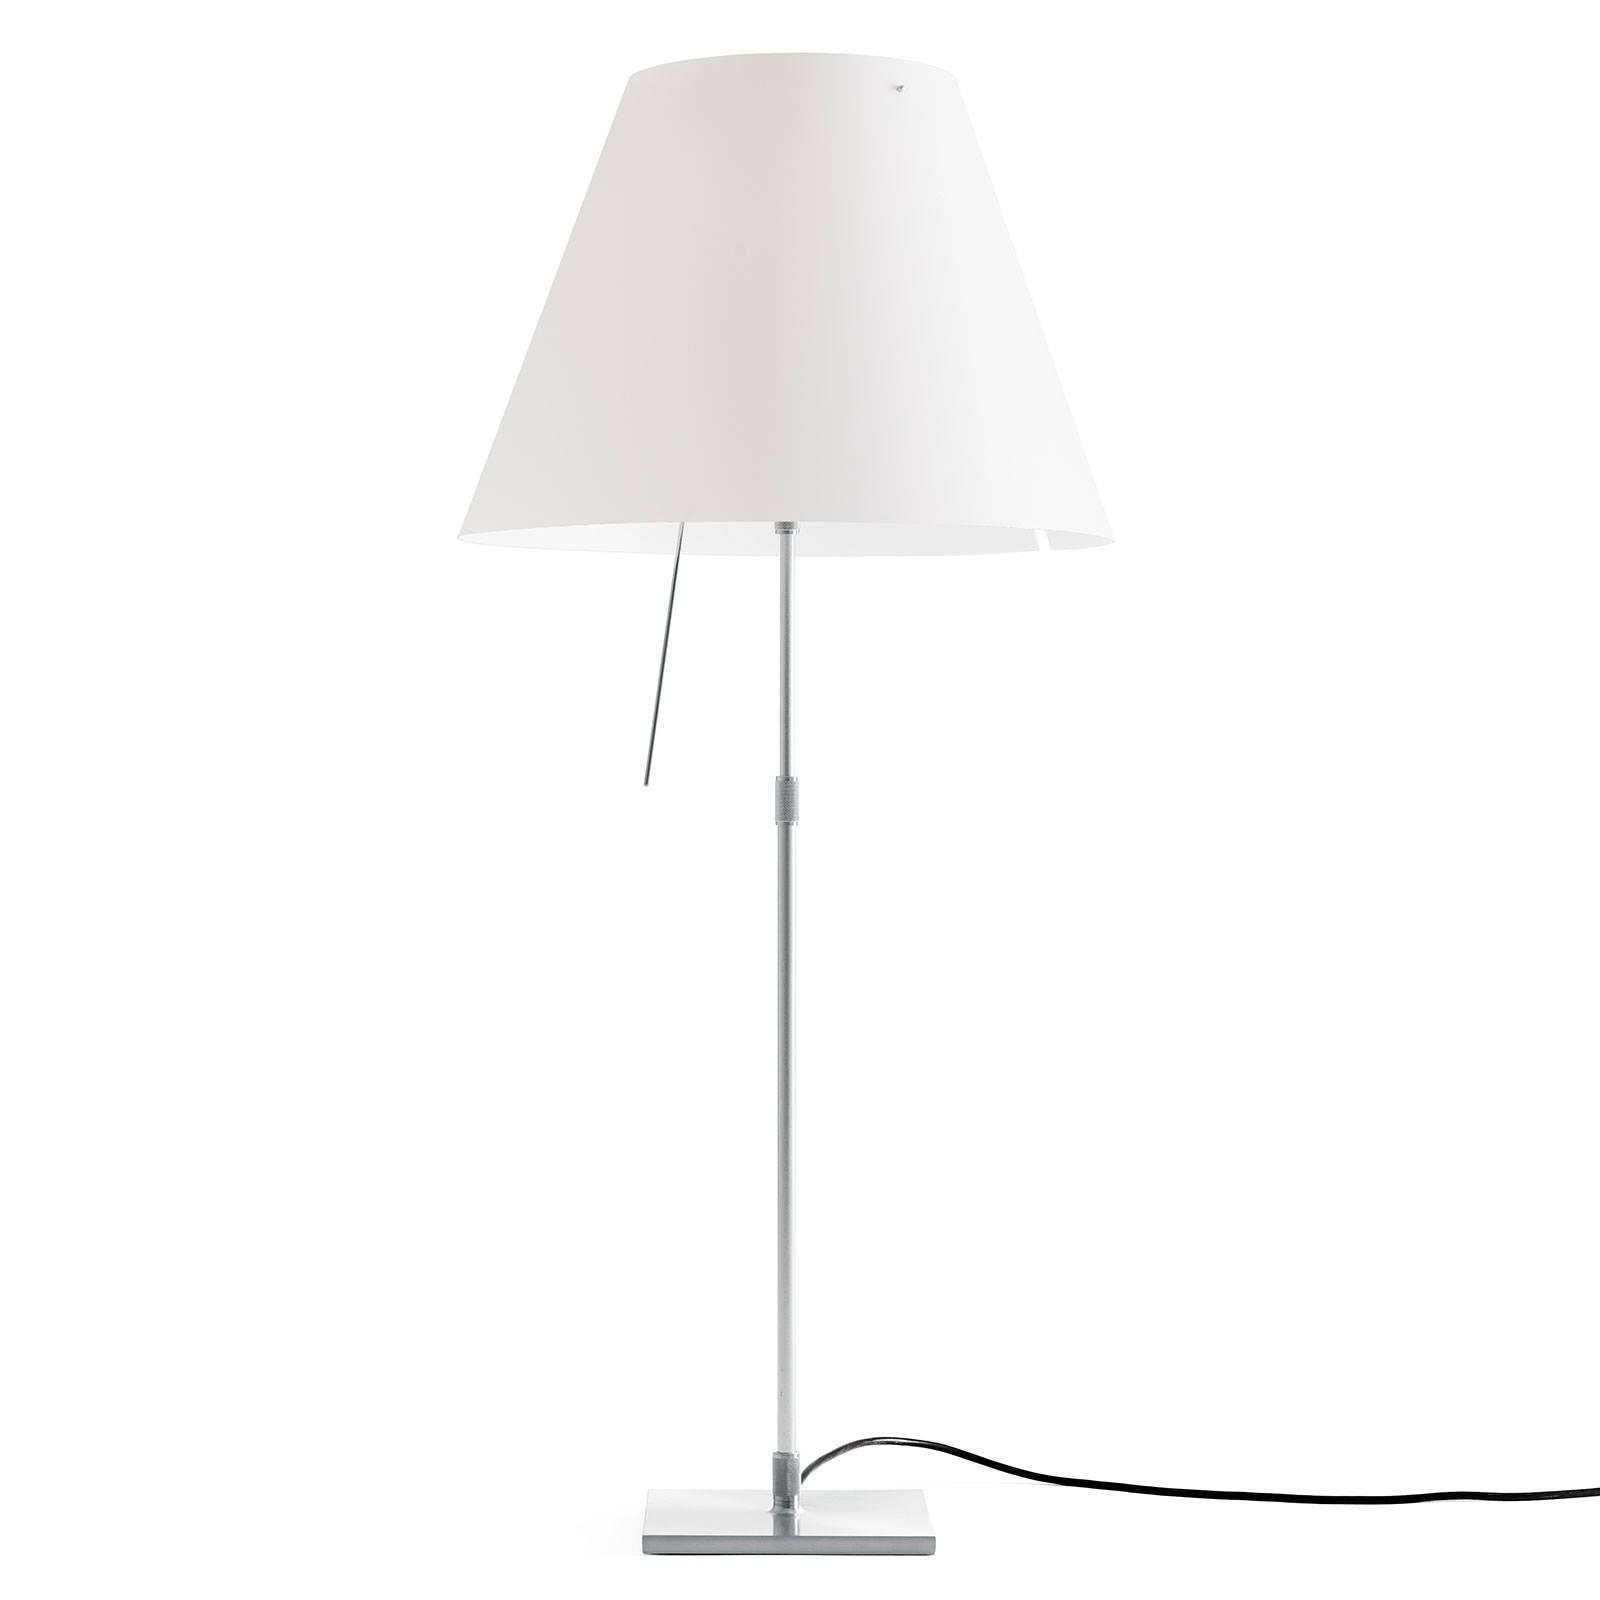 Luceplan Costanza tafellamp D13 aluminium/wit